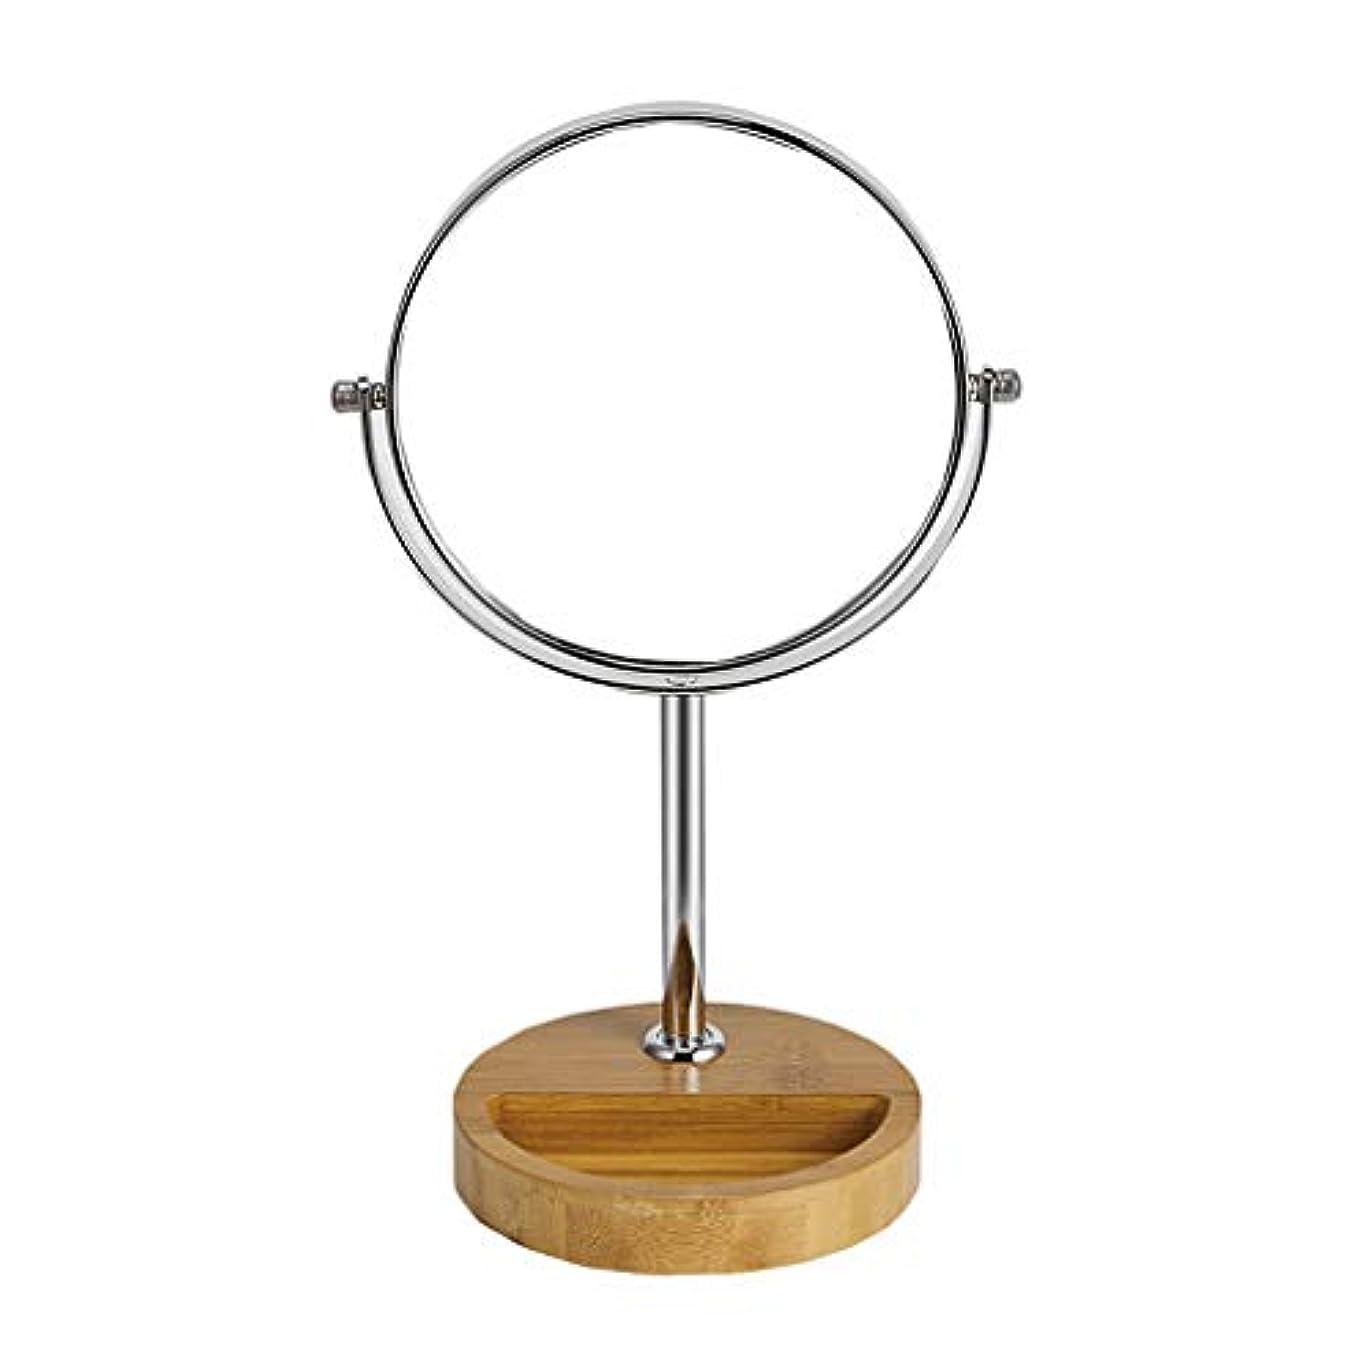 リングちっちゃい付けるACMEDE 卓上鏡 化粧鏡 卓上ミラー 鏡 卓上 360°回転 等倍鏡&3倍拡大鏡 スタンドミラー 卓上 光学レンズ高解像度 シンプル